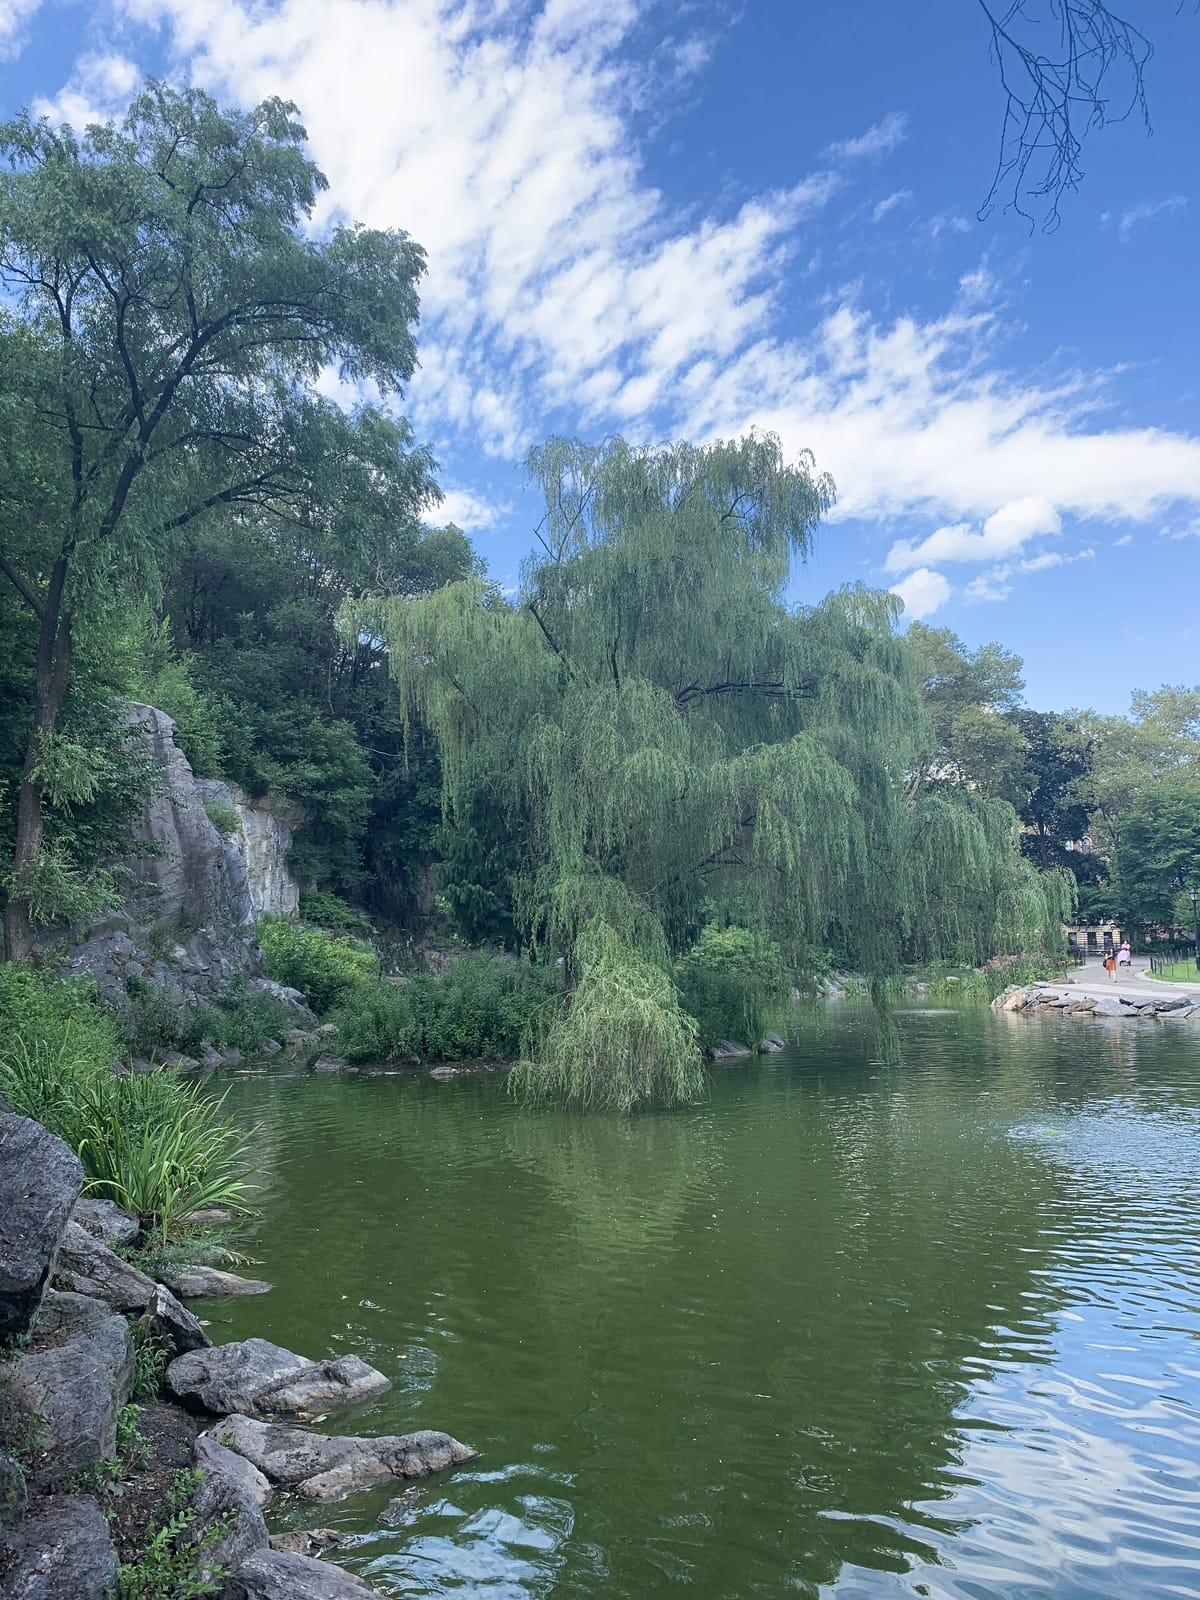 Morningside Park in New York City